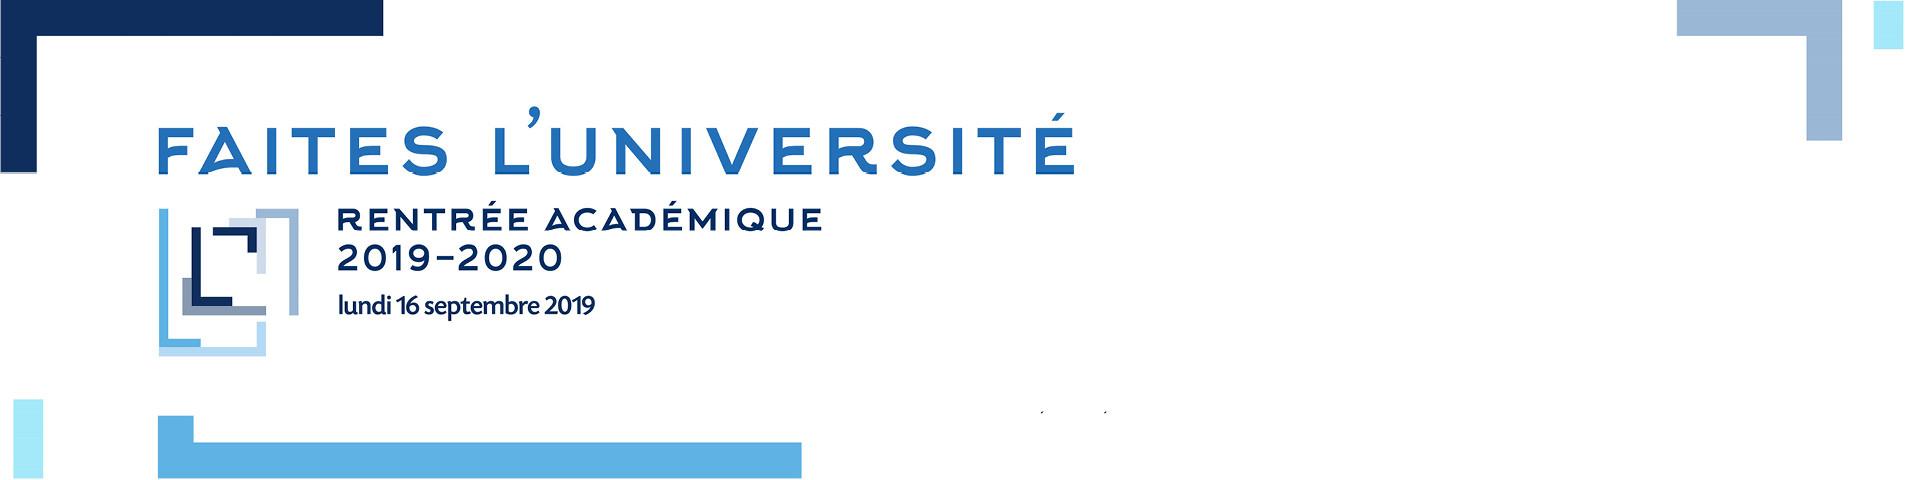 Université catholique de Louvain | UCLouvain